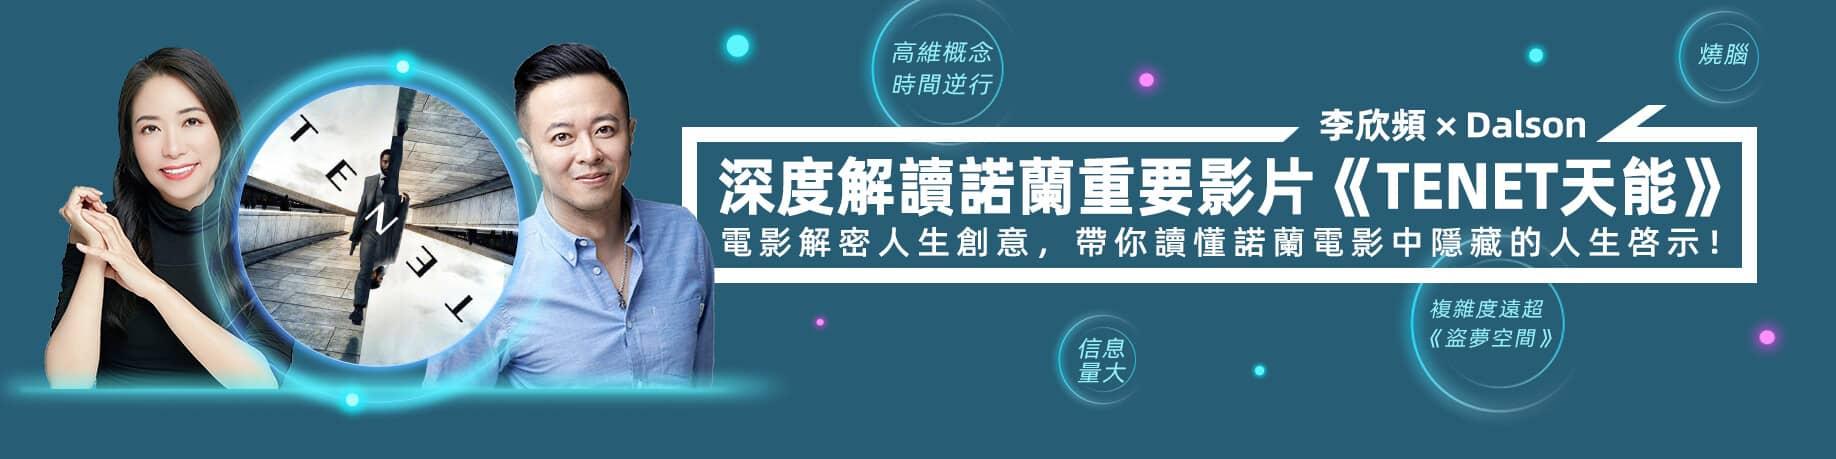 李欣頻×Dalson深度解讀諾蘭導演重要影片:《TENET天能》